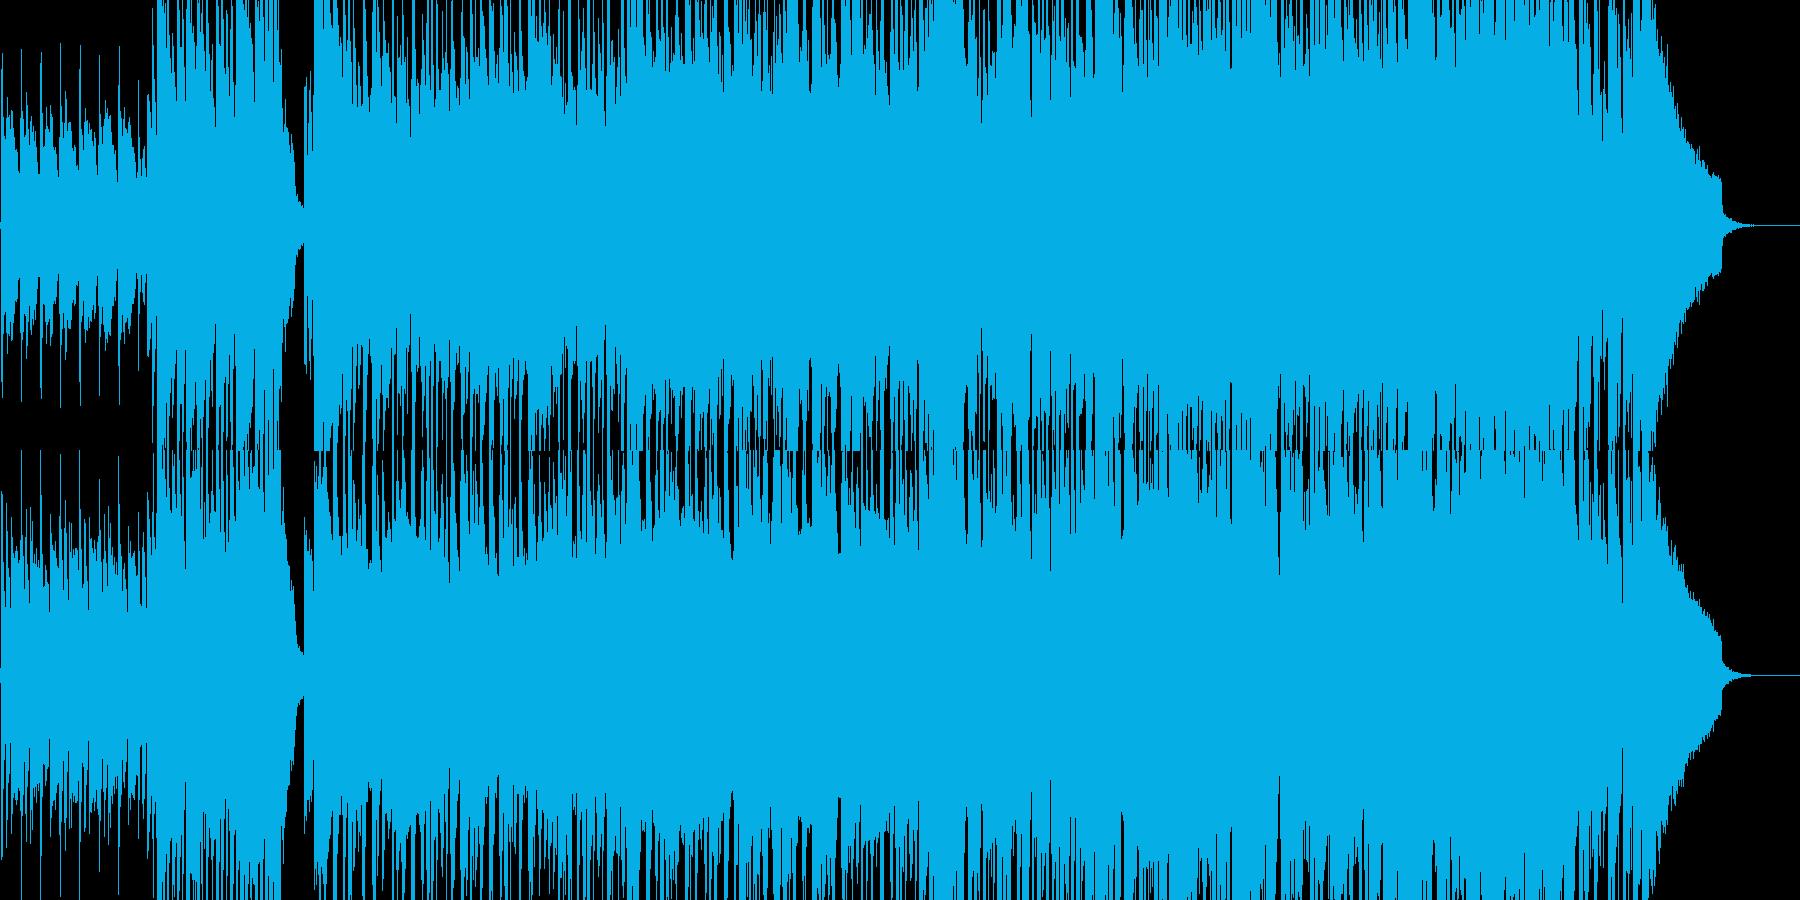 和楽器を使ったロック調ジングルの再生済みの波形